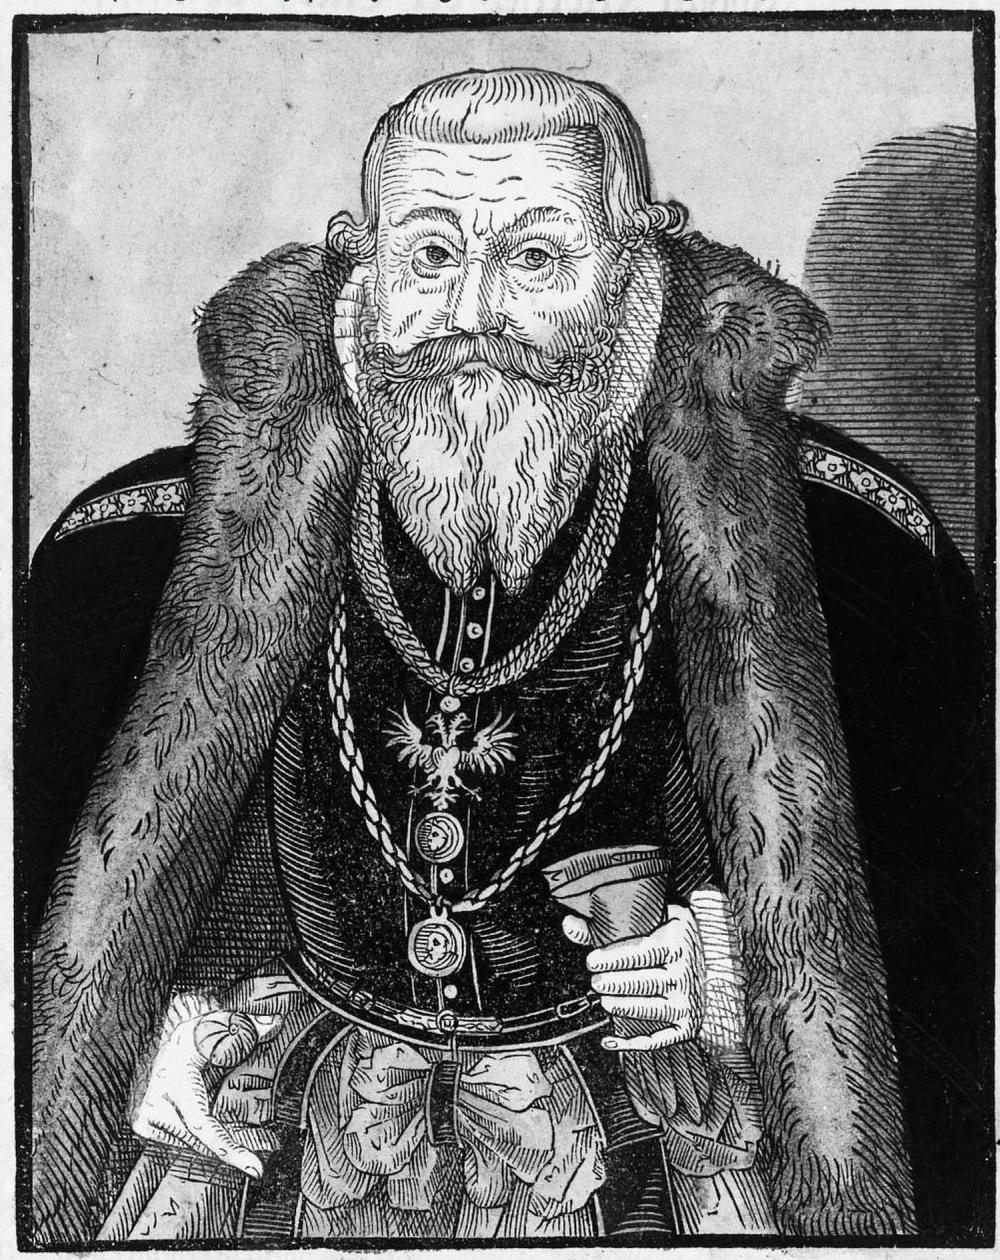 Jerzy II Brzeski